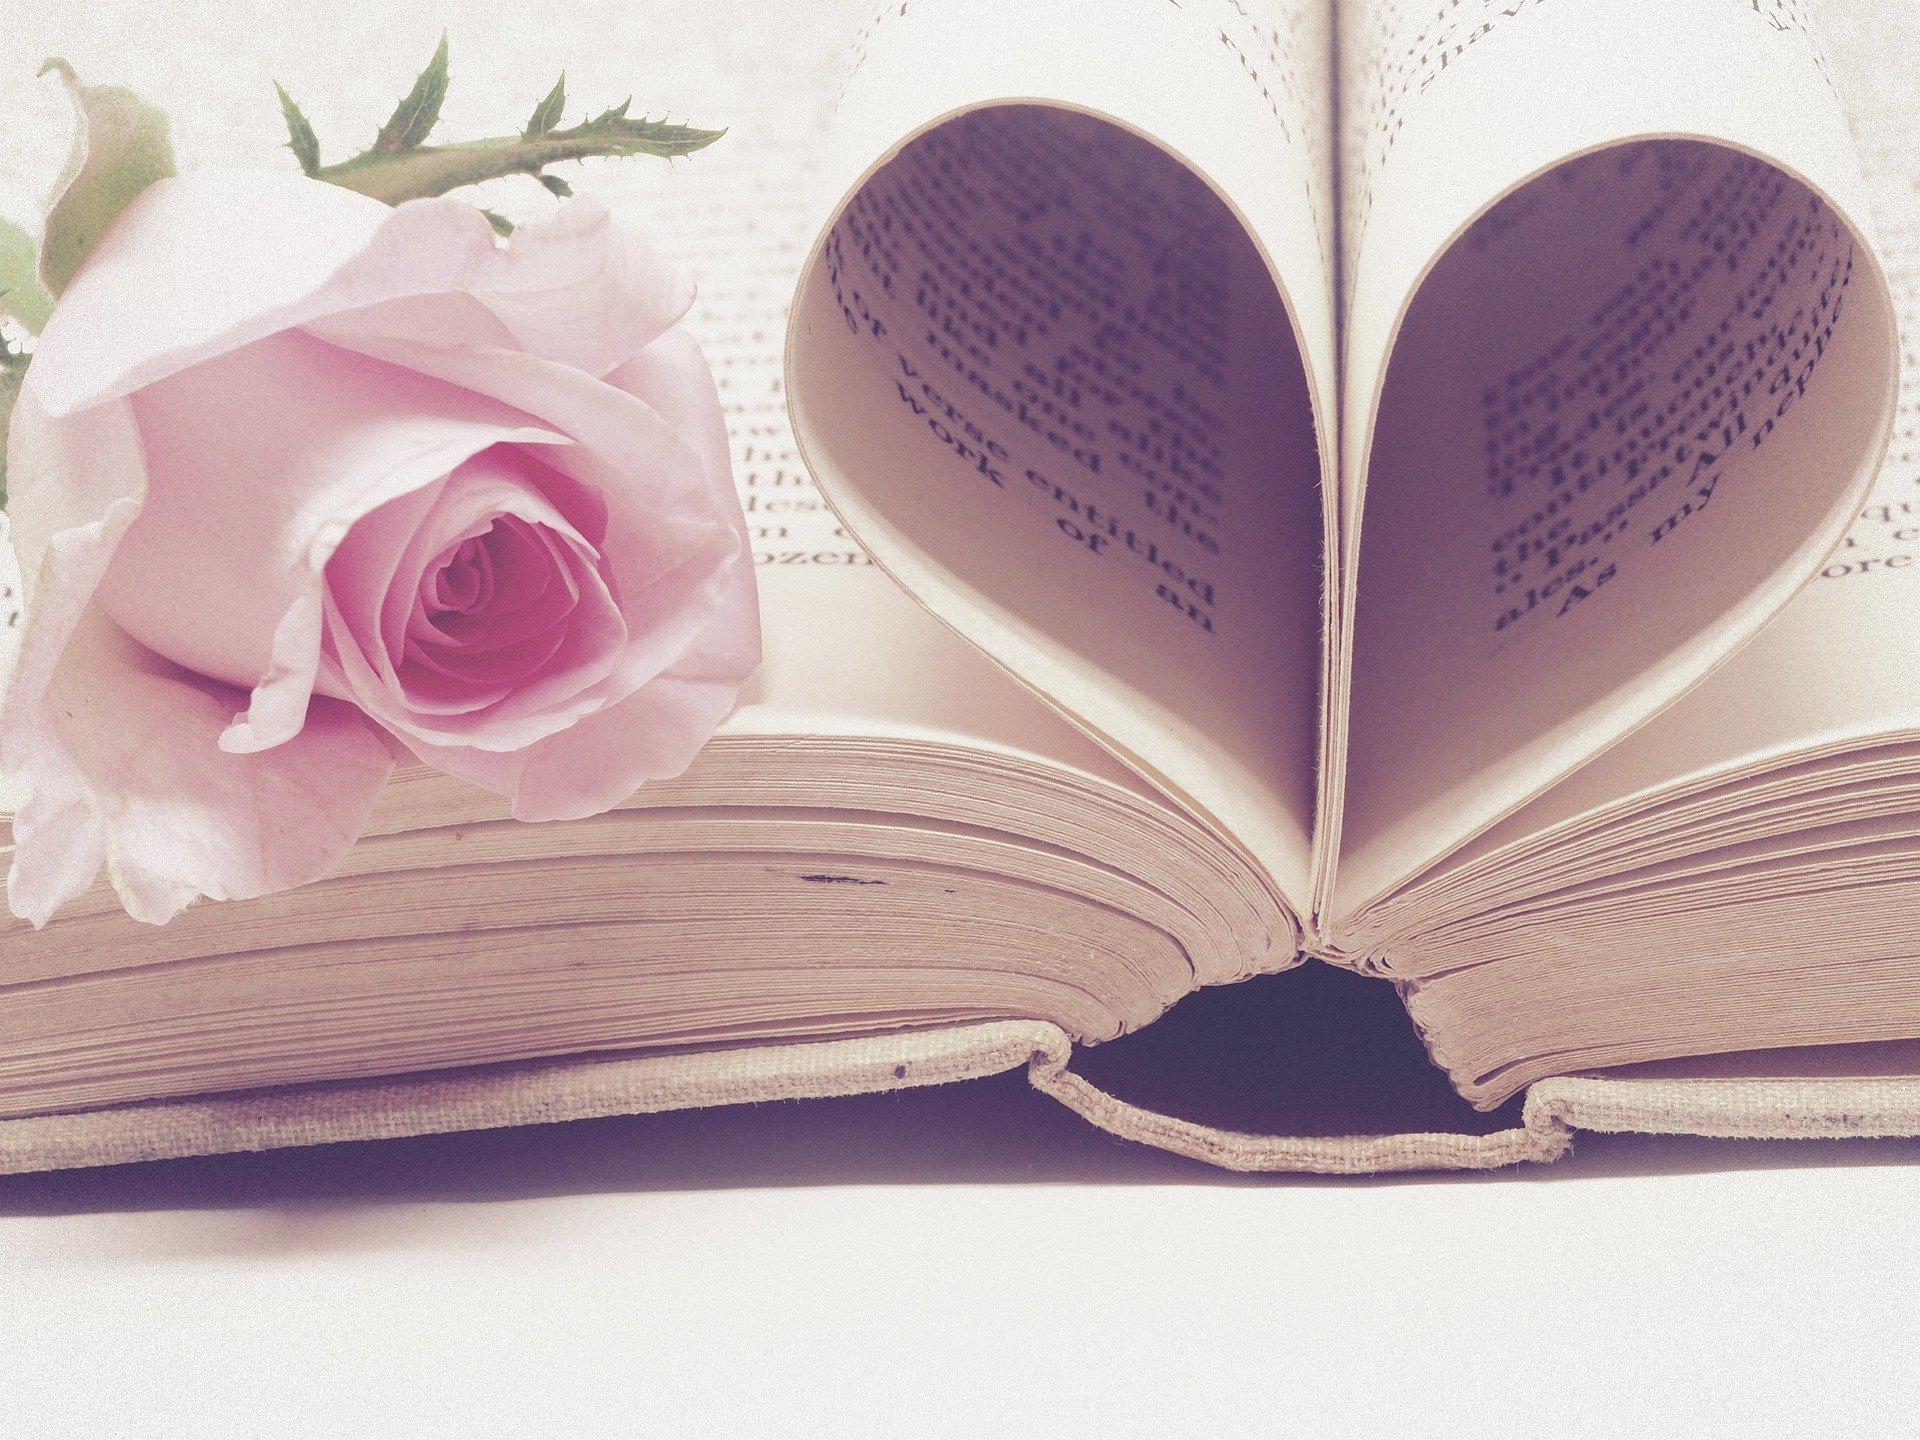 Miłość niejedno ma imię... Konkurs literacki rozstrzygnięty - Zdjęcie główne